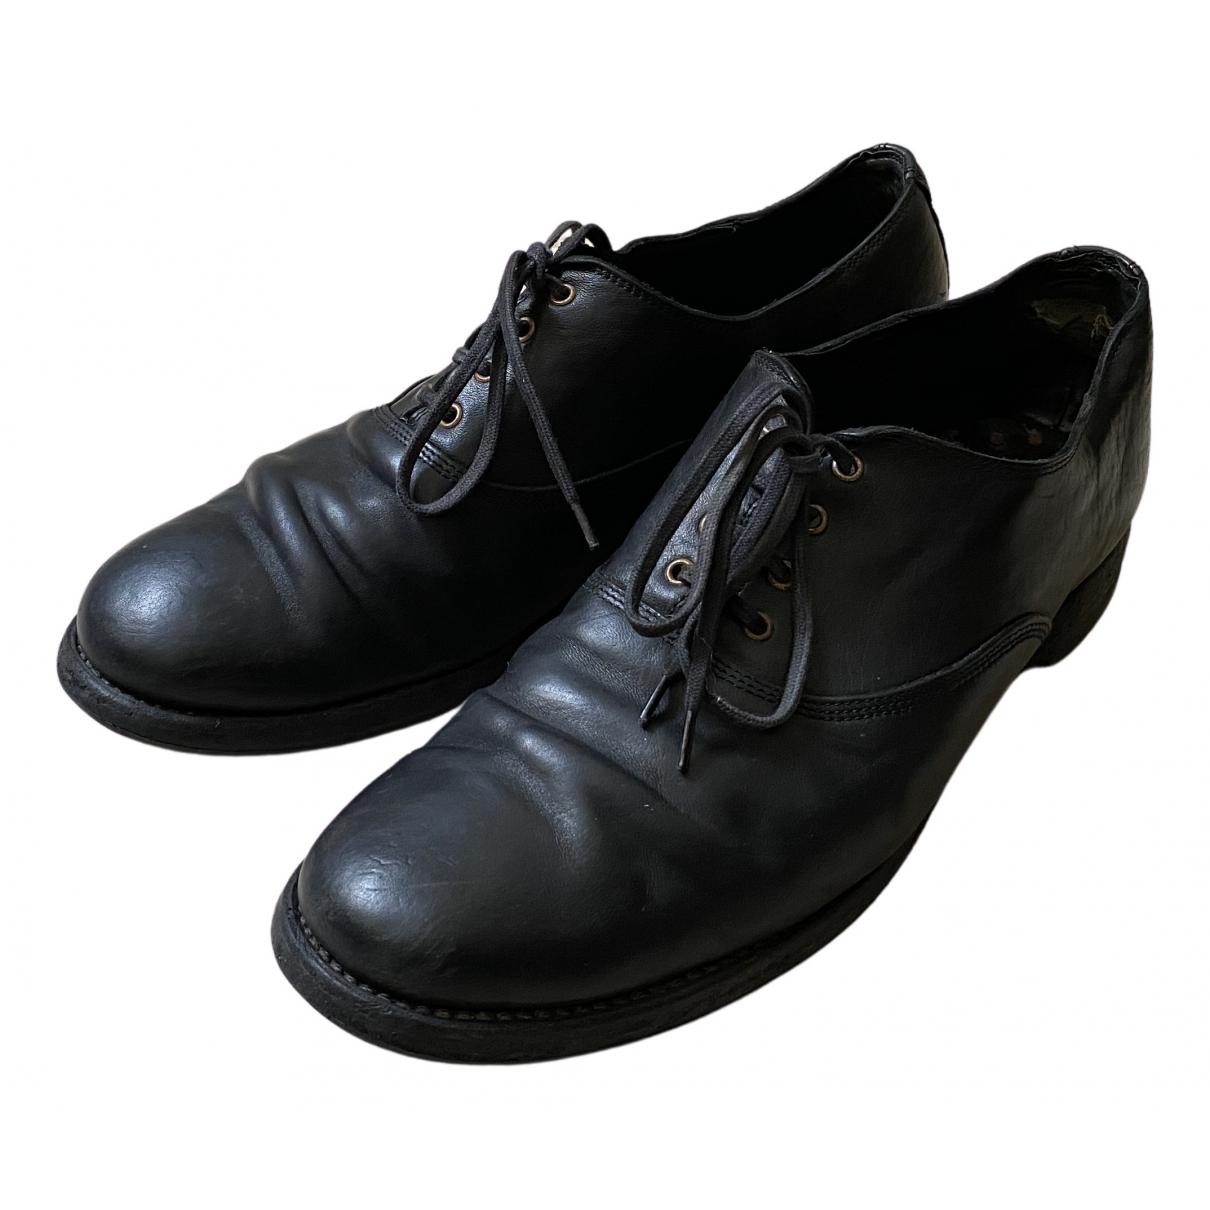 Guidi - Derbies   pour homme en cuir - noir